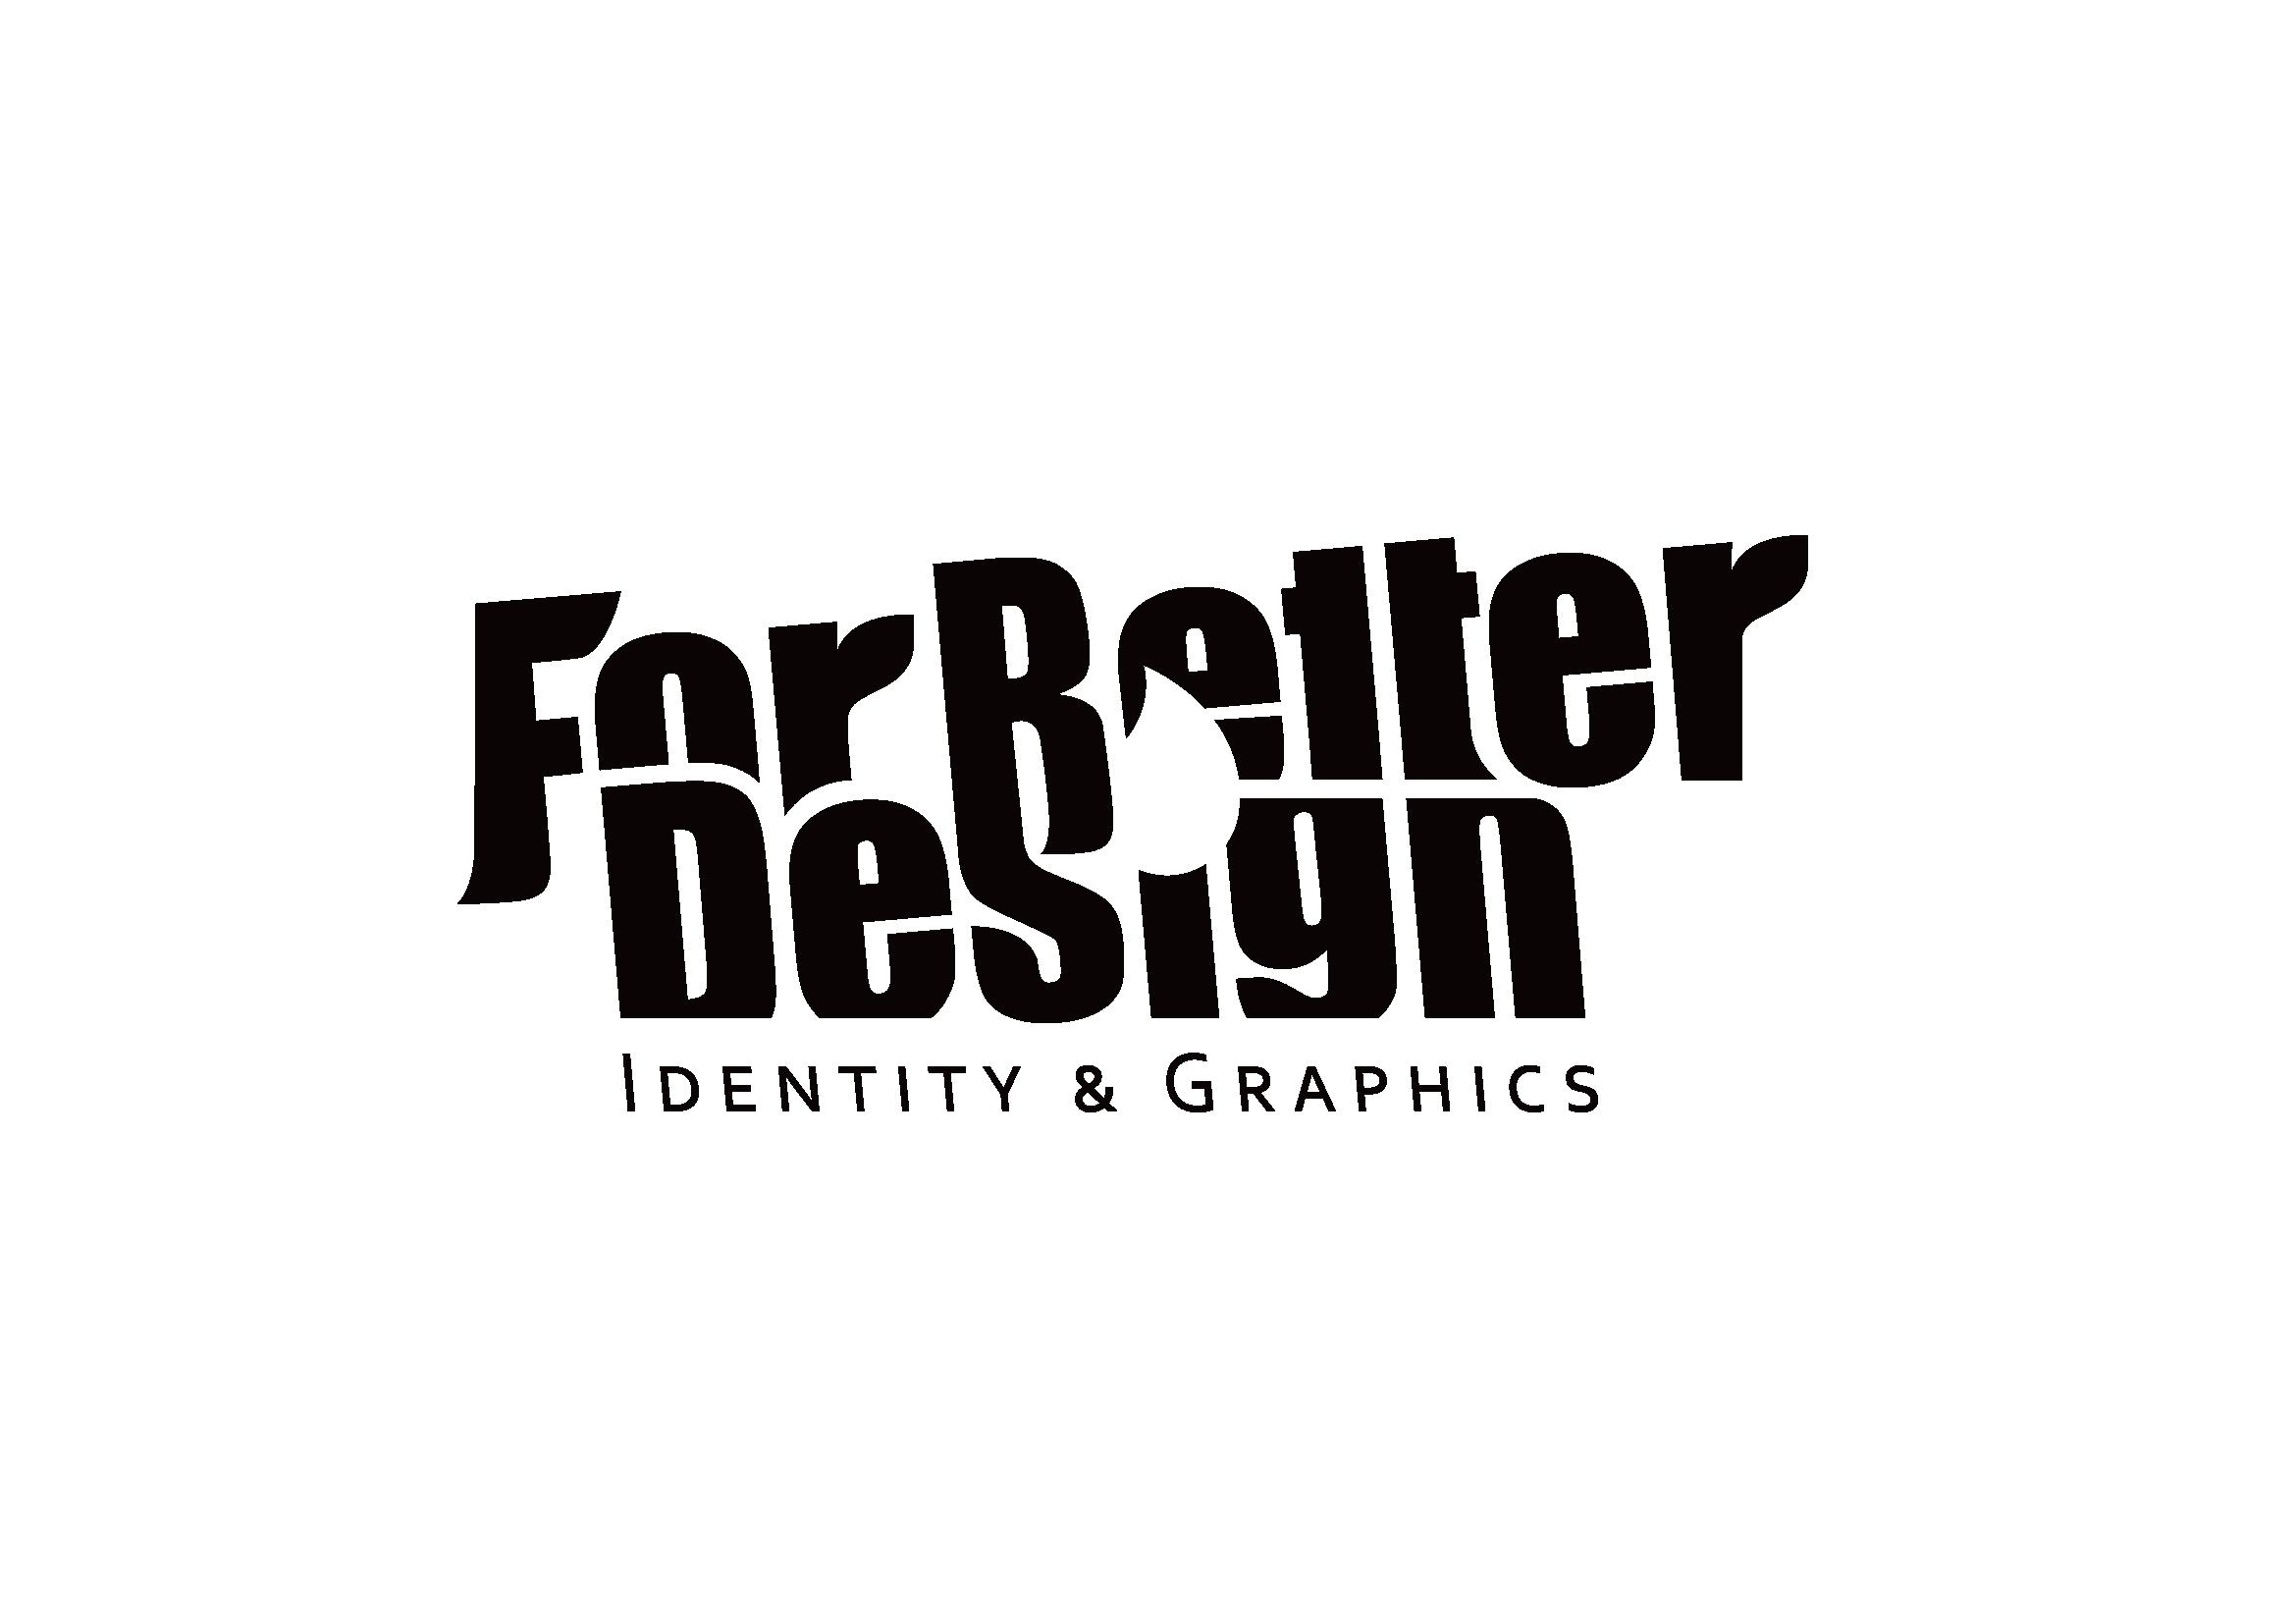 07 ForBetterDesign - logo